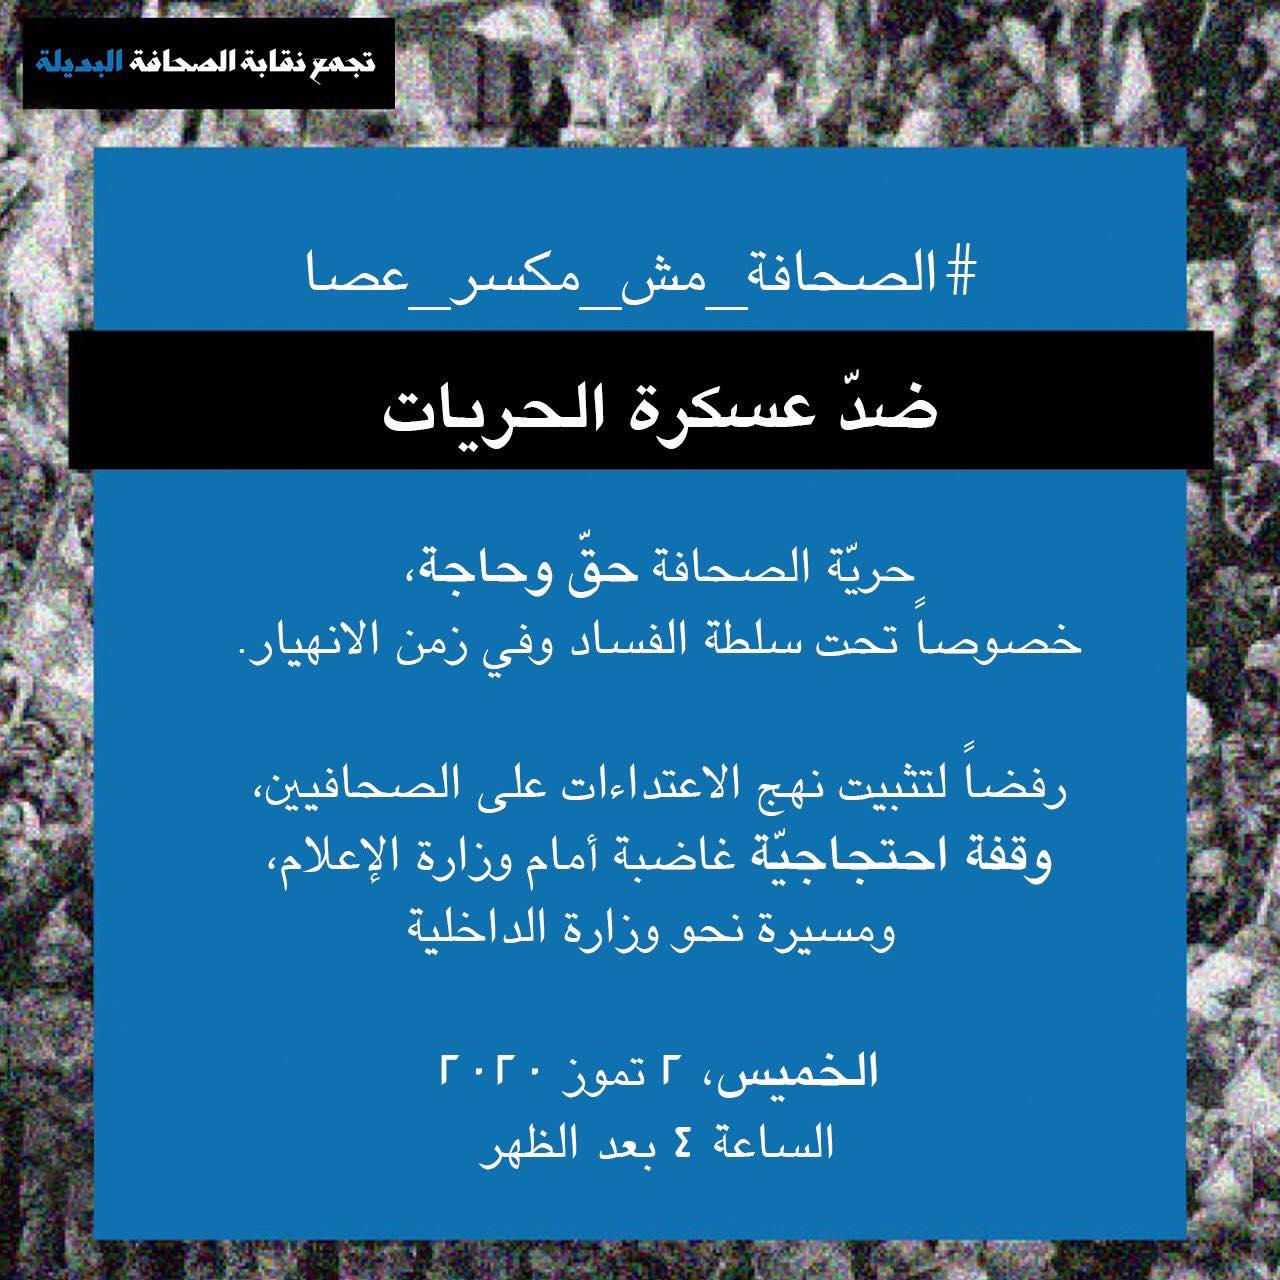 دعوة | وقفة احتجاجية  رفضاً لتثبيت نهج الاعتداءات على الصحافيين